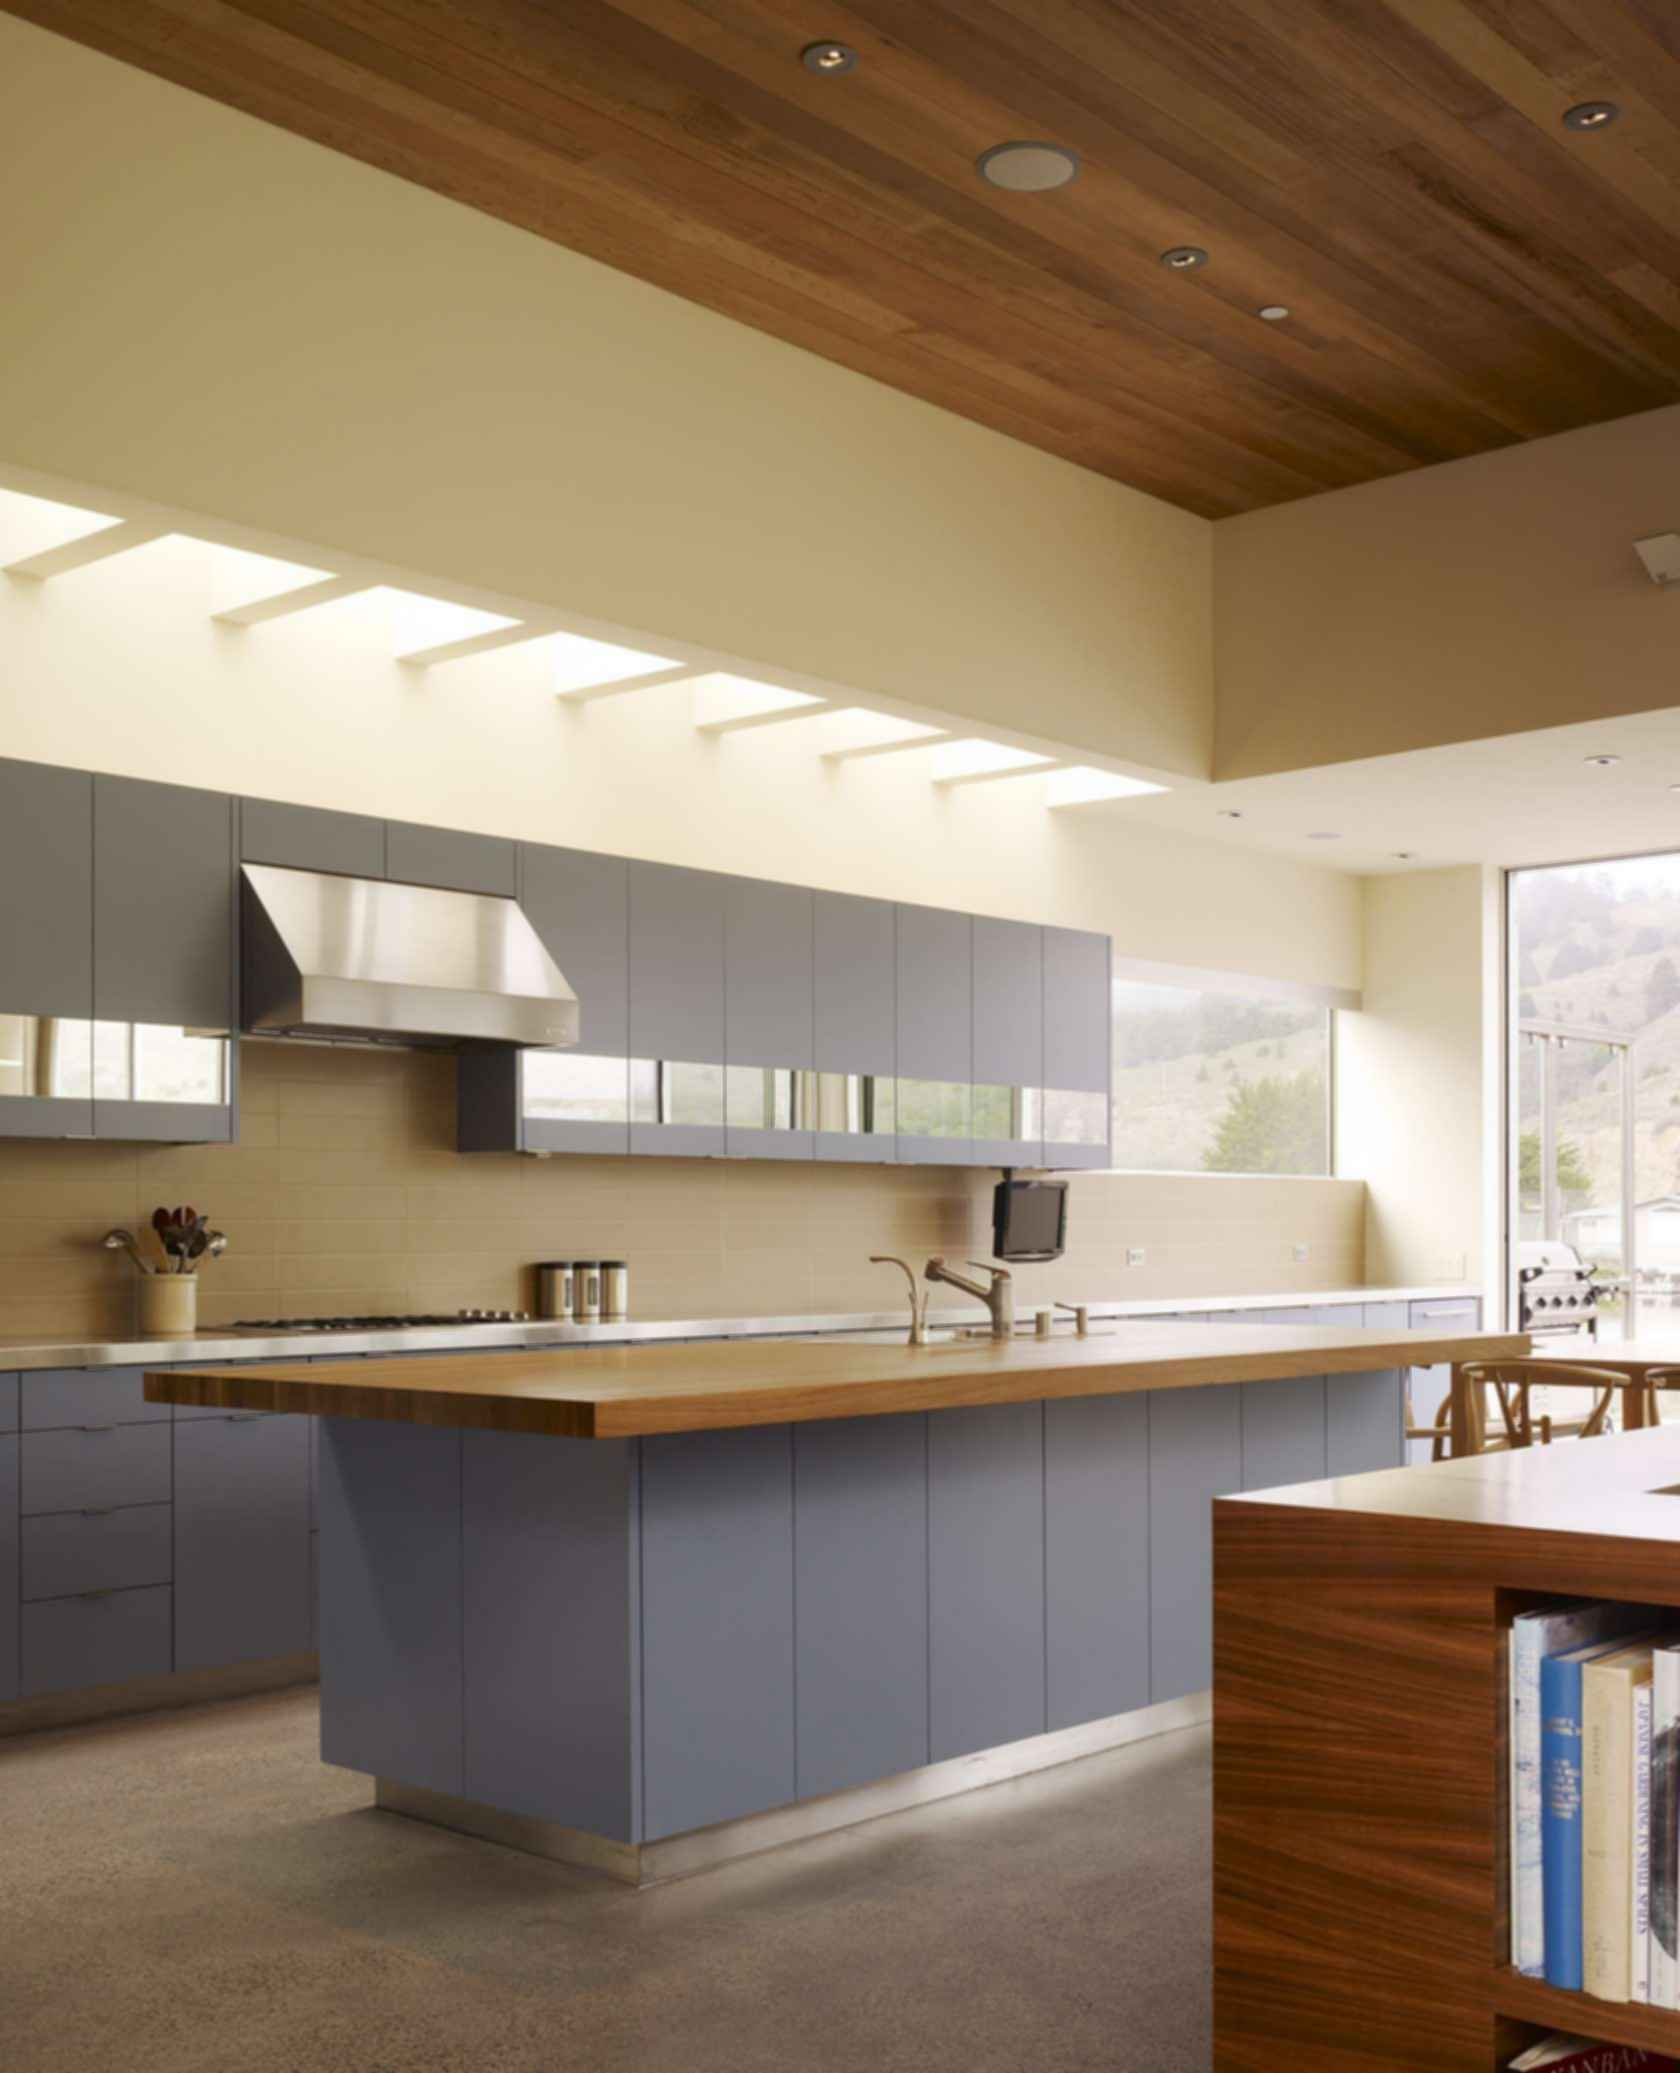 Seadrift Residence - Interior/Kitchen